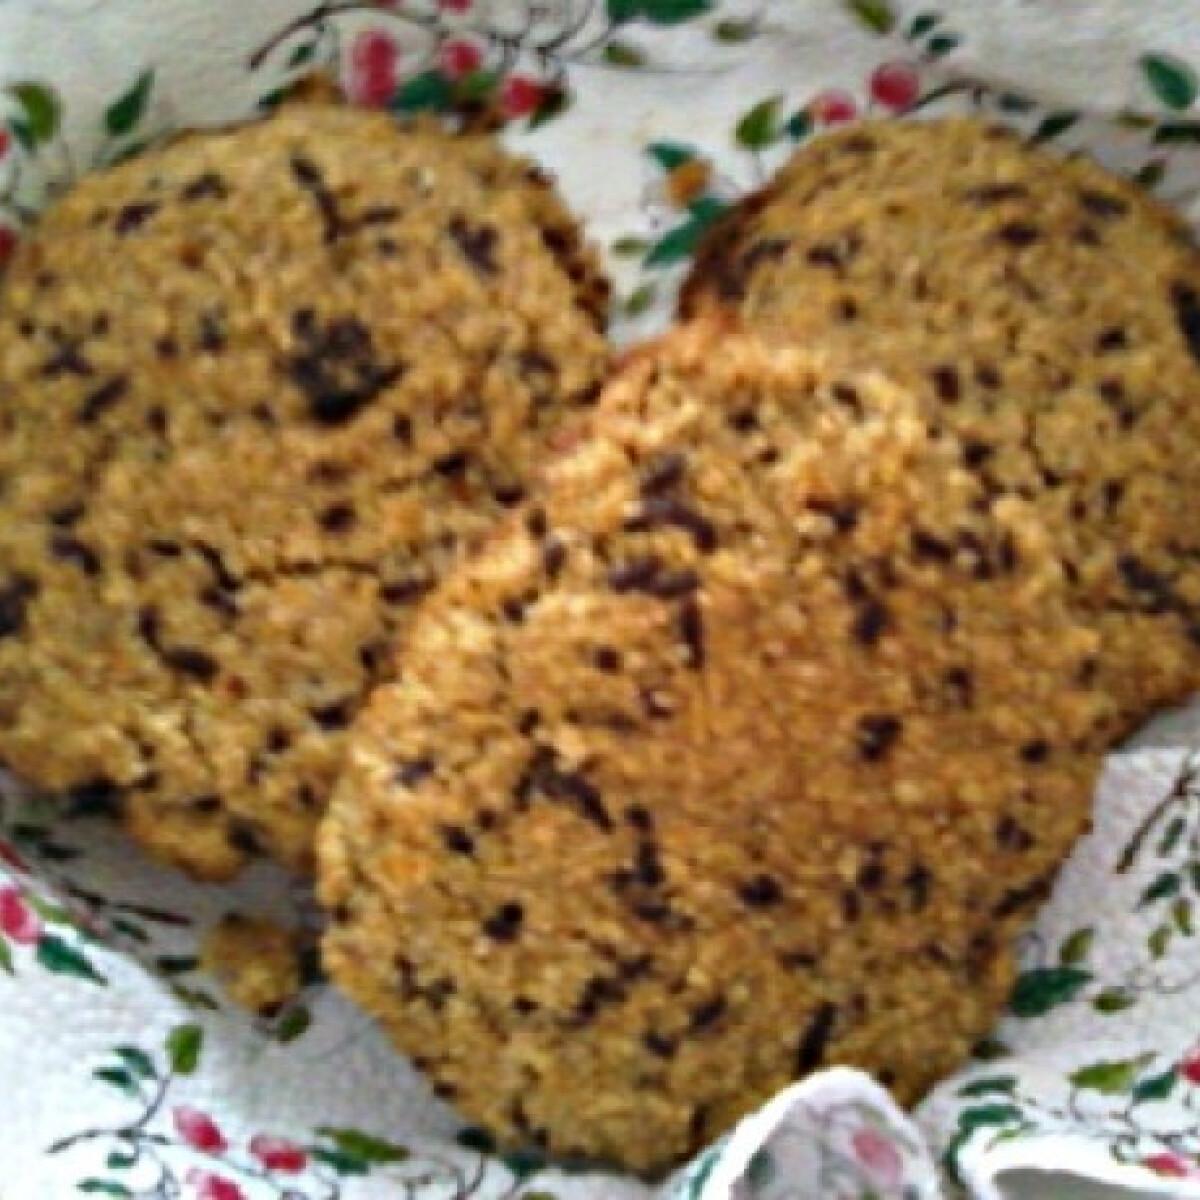 Ezen a képen: Zabpelyhes keksz xilittel